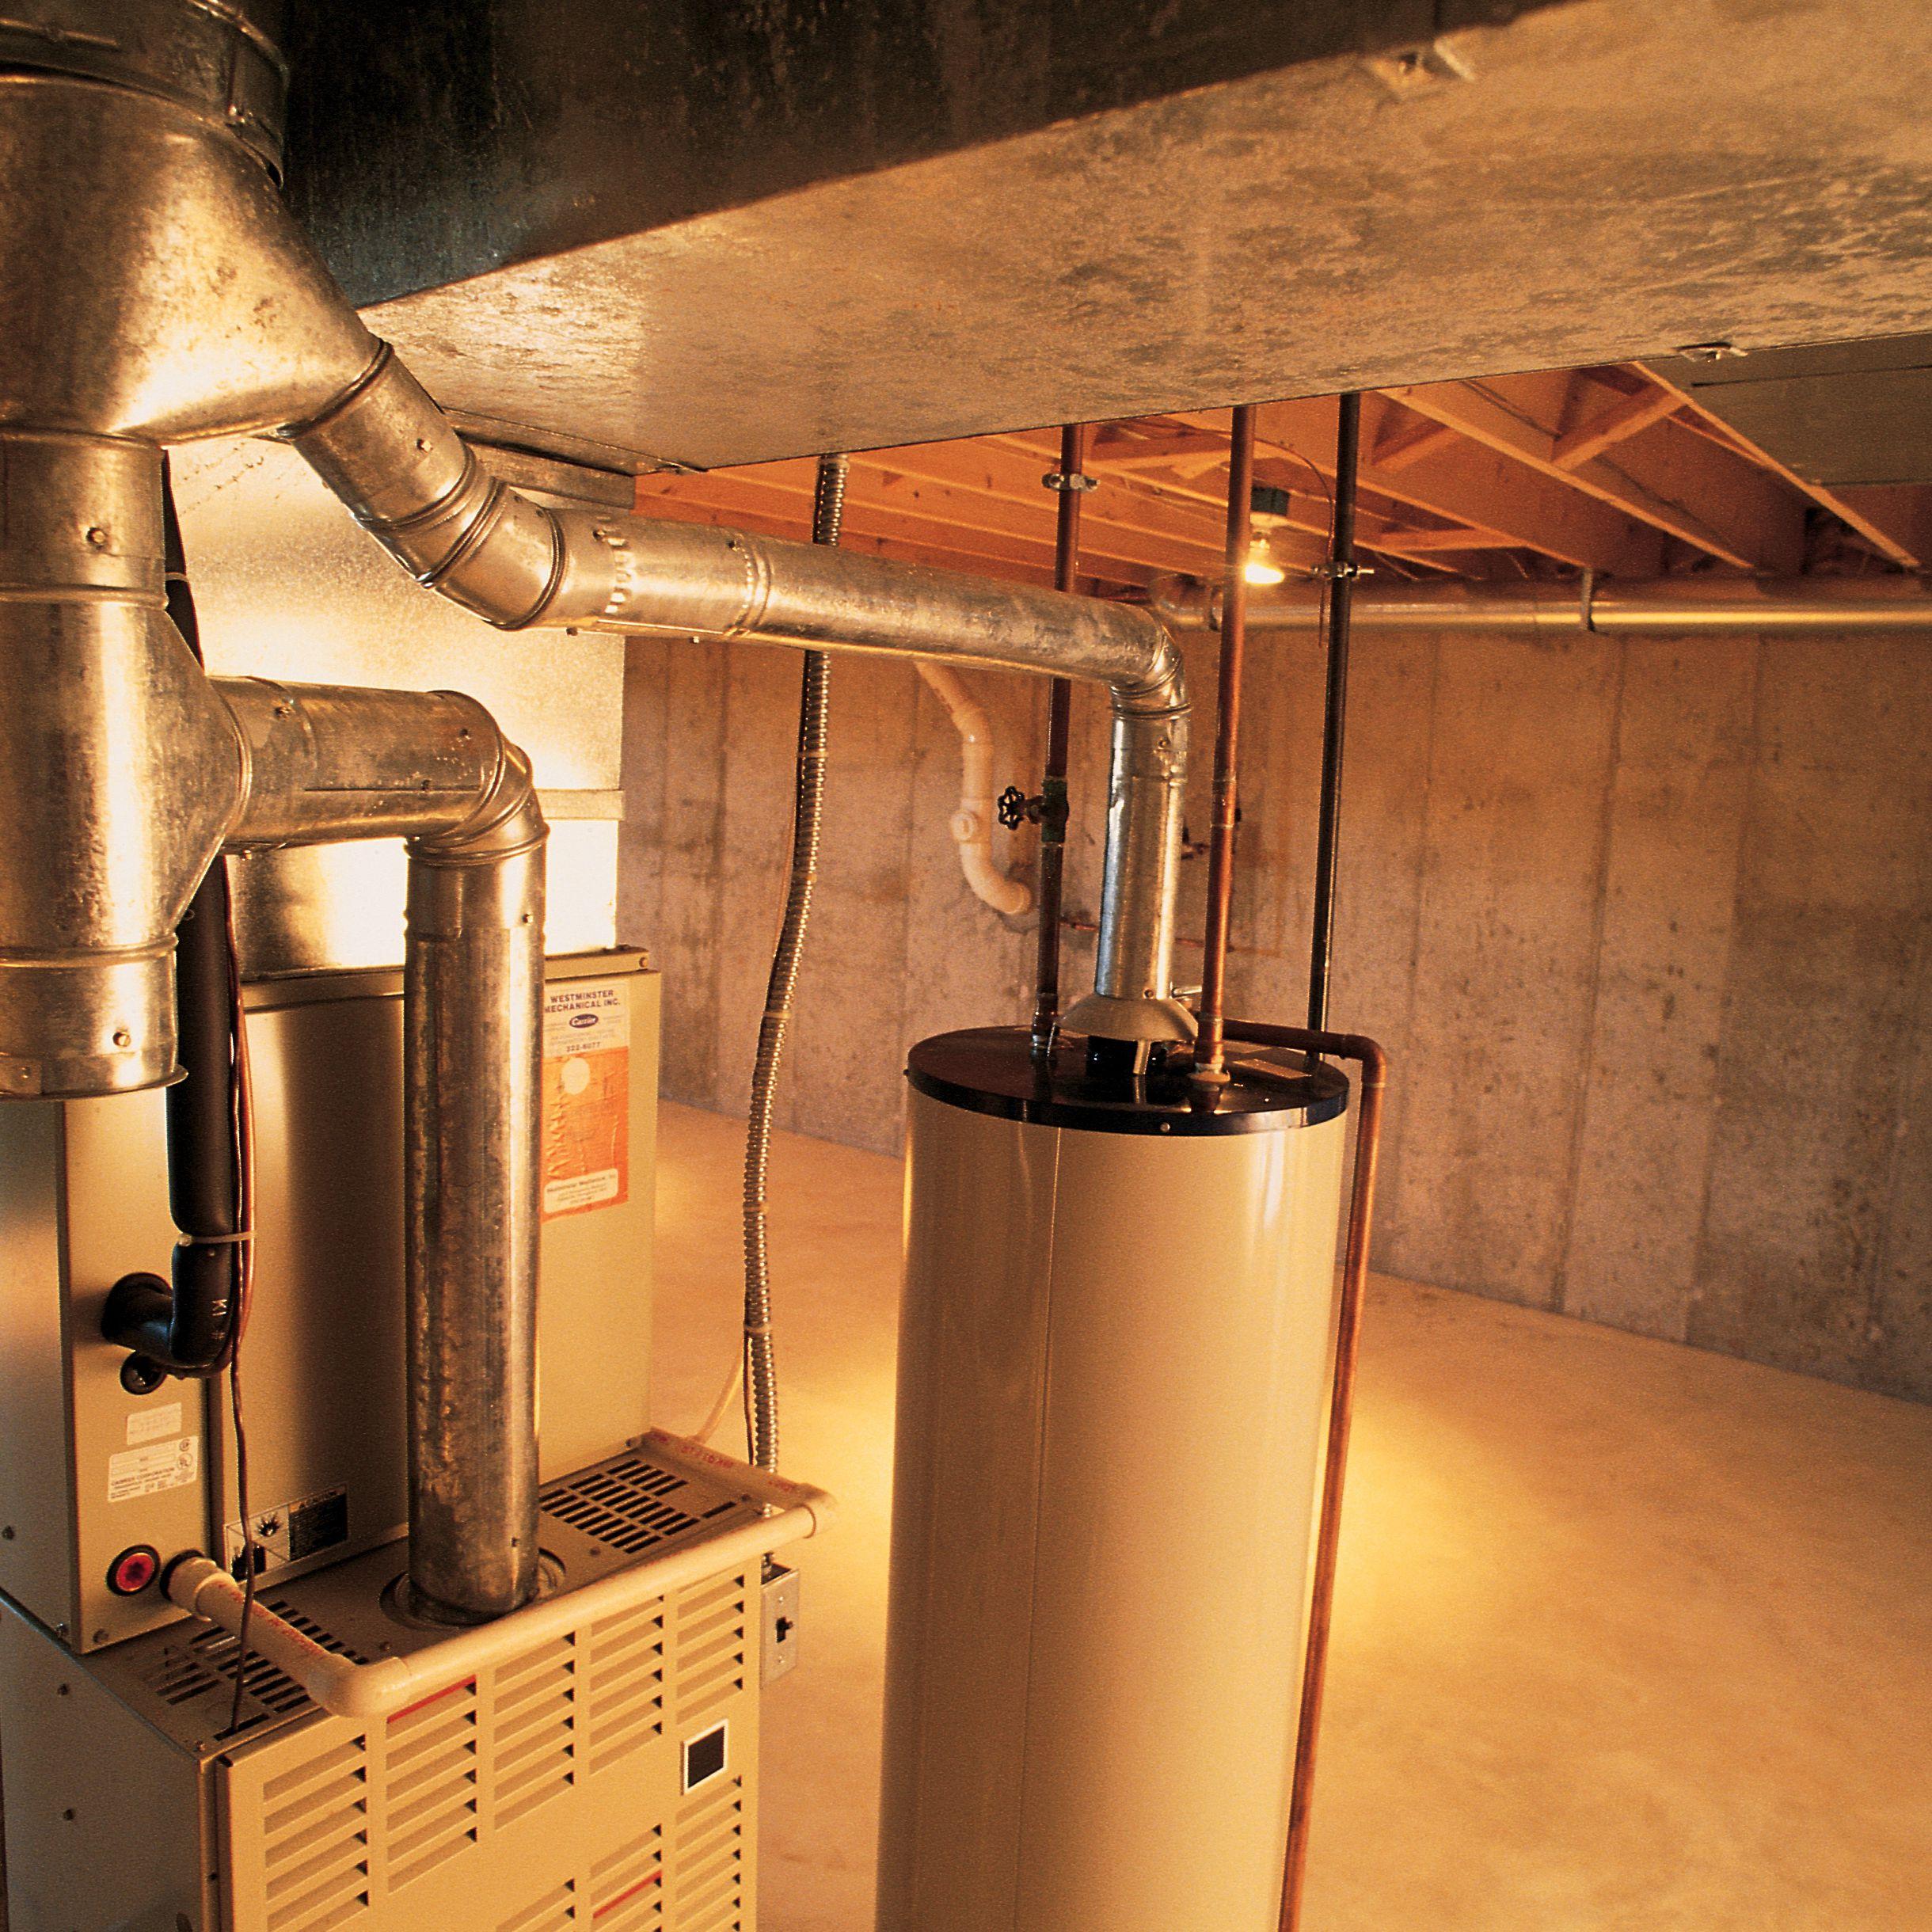 standing pilot light on a gas furnace